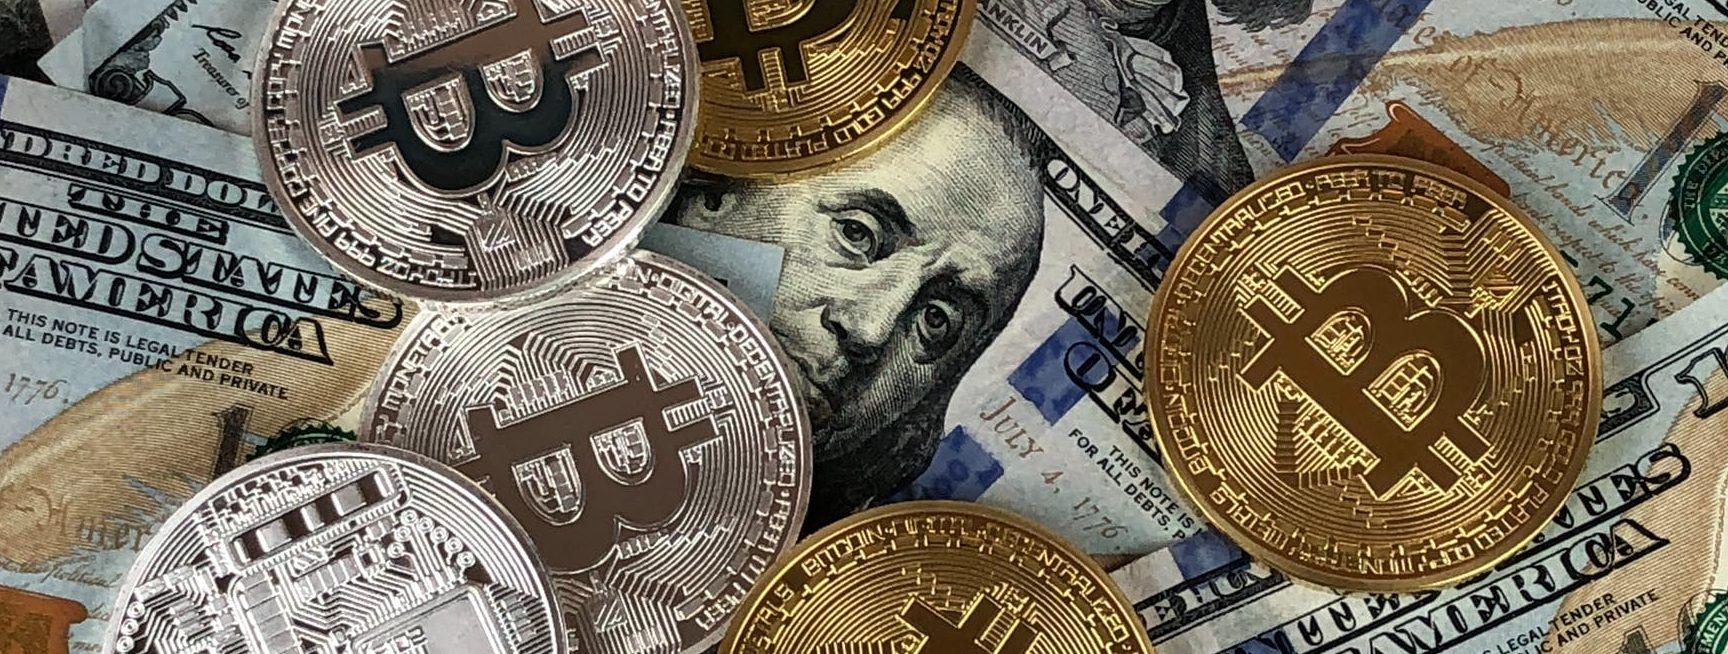 Bitcoin : mode et fonctionnement